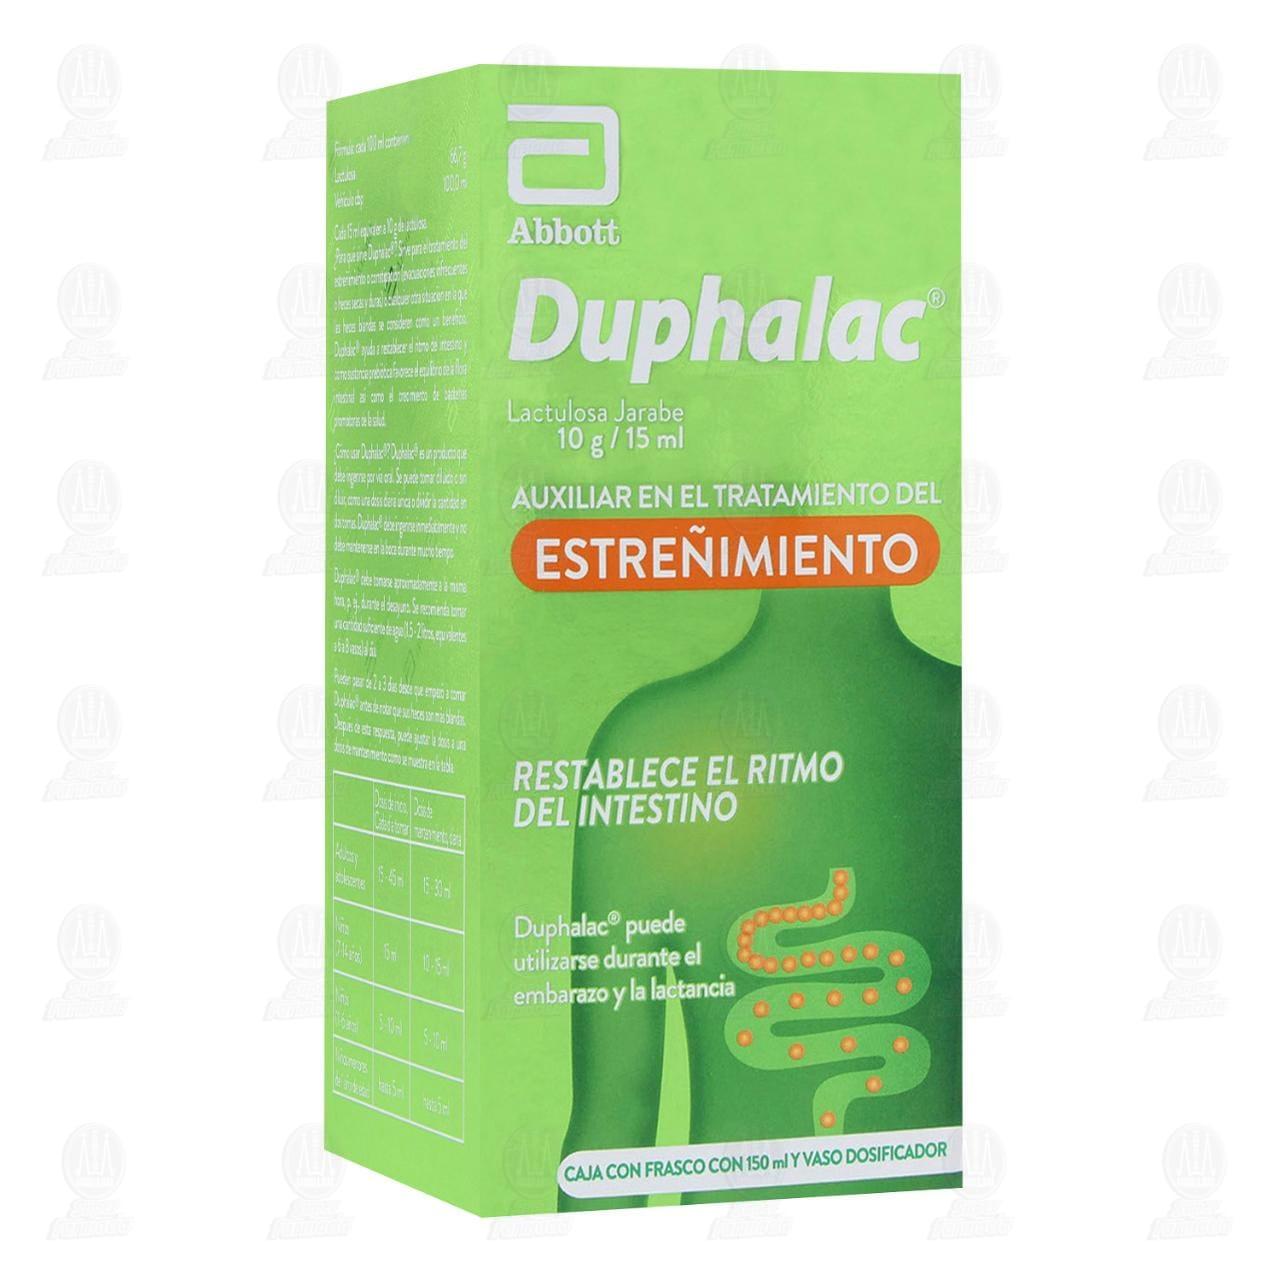 Comprar Duphalac 10gr/15ml 150ml Jarabe con Dosificador en Farmacias Guadalajara